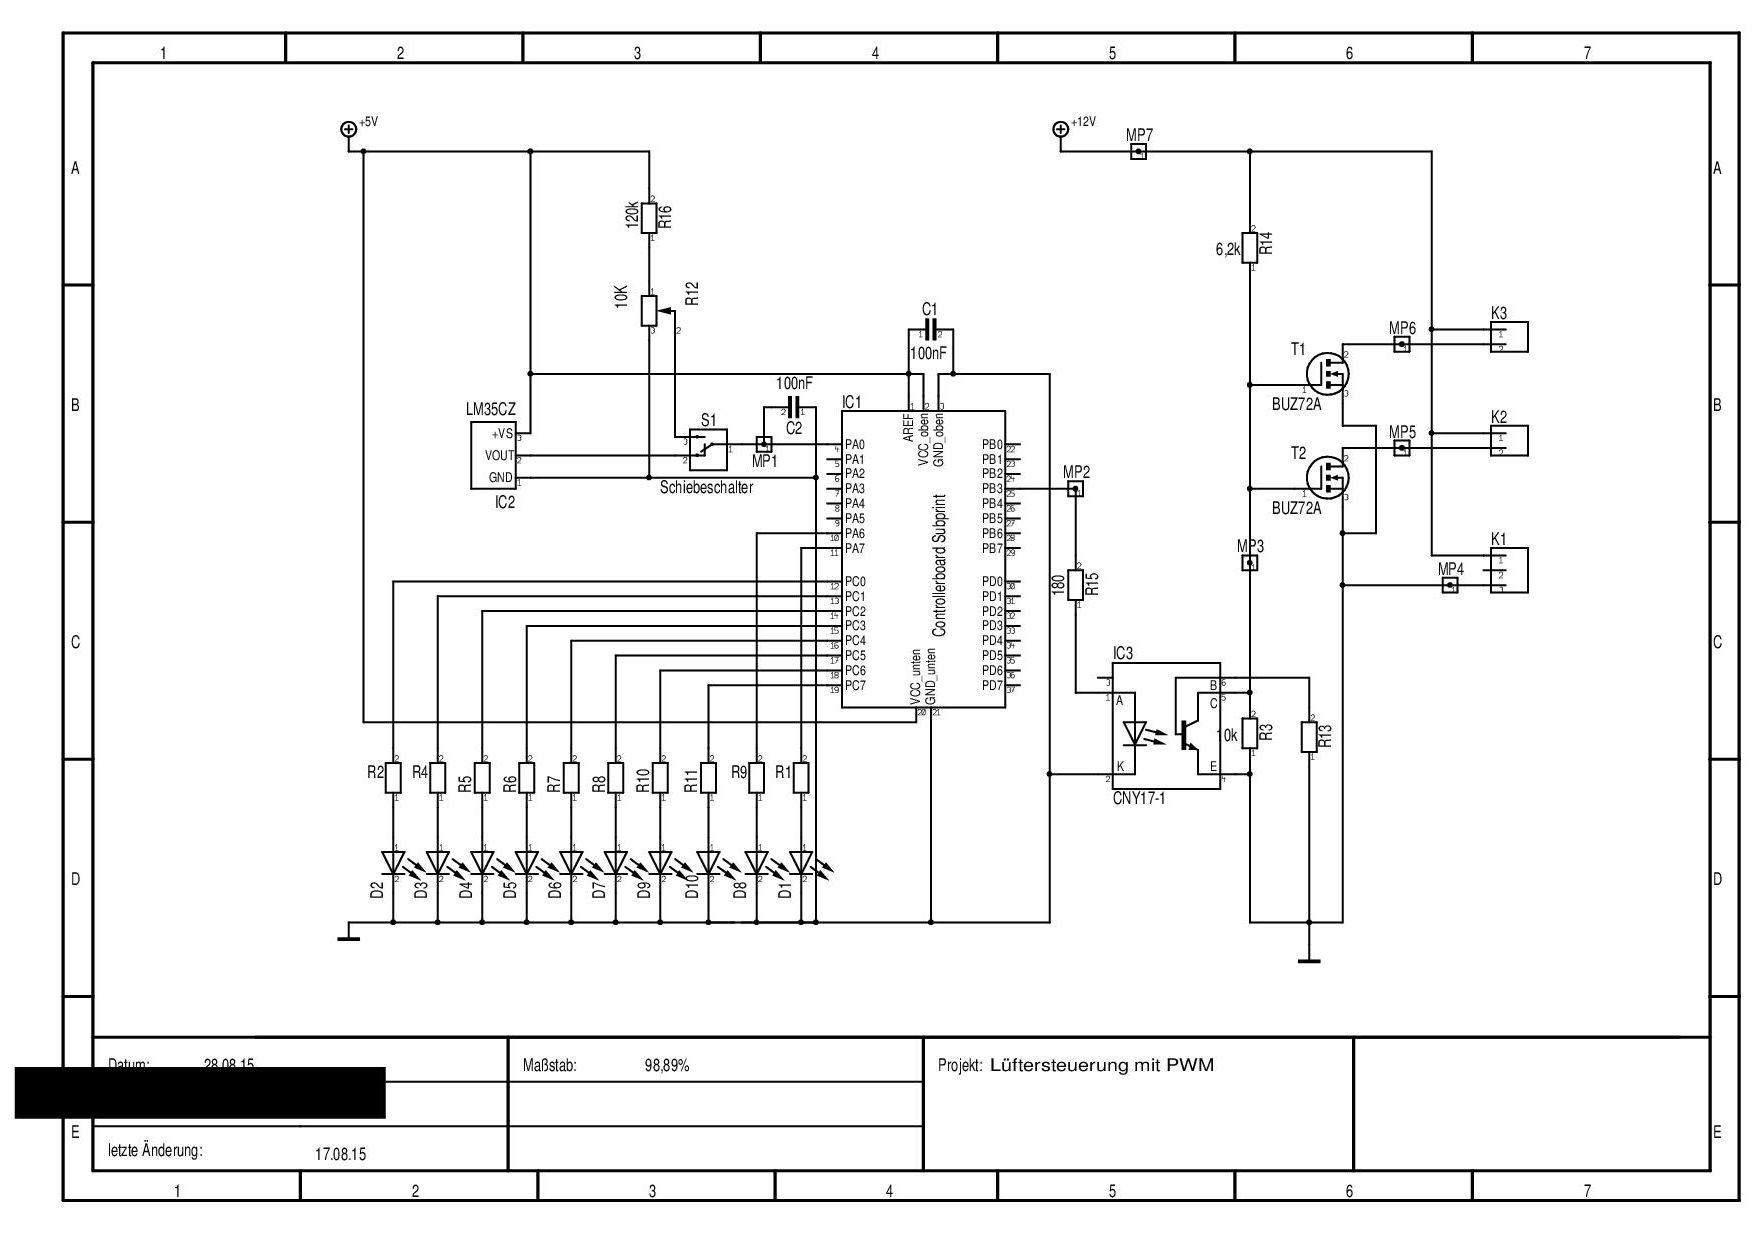 hilfe bei der programmierung von lcd mit einem atmega16